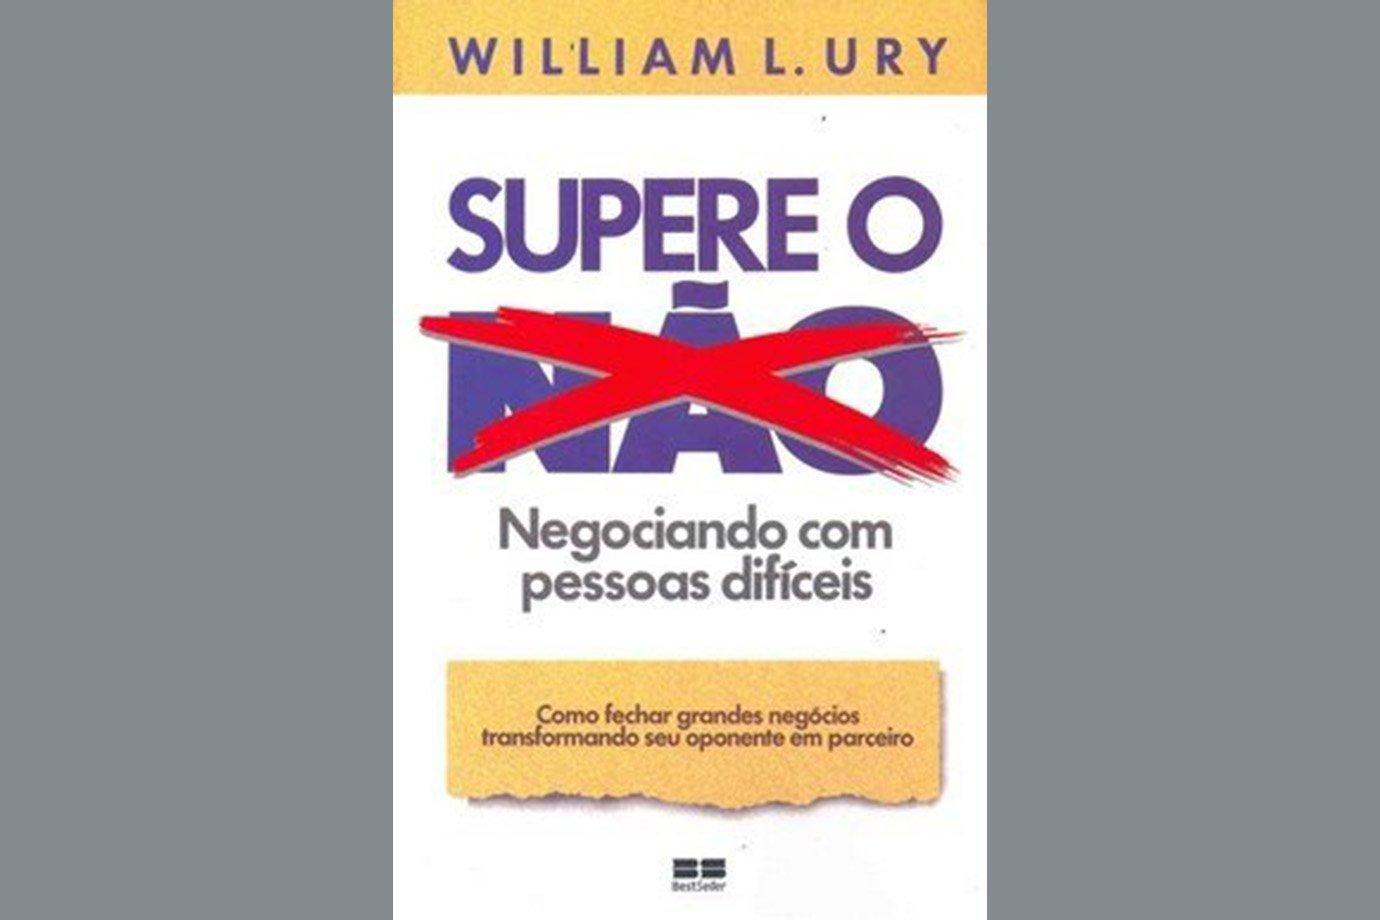 Supere o Não: Negociando Com Pessoas Difíceis, de William Ury